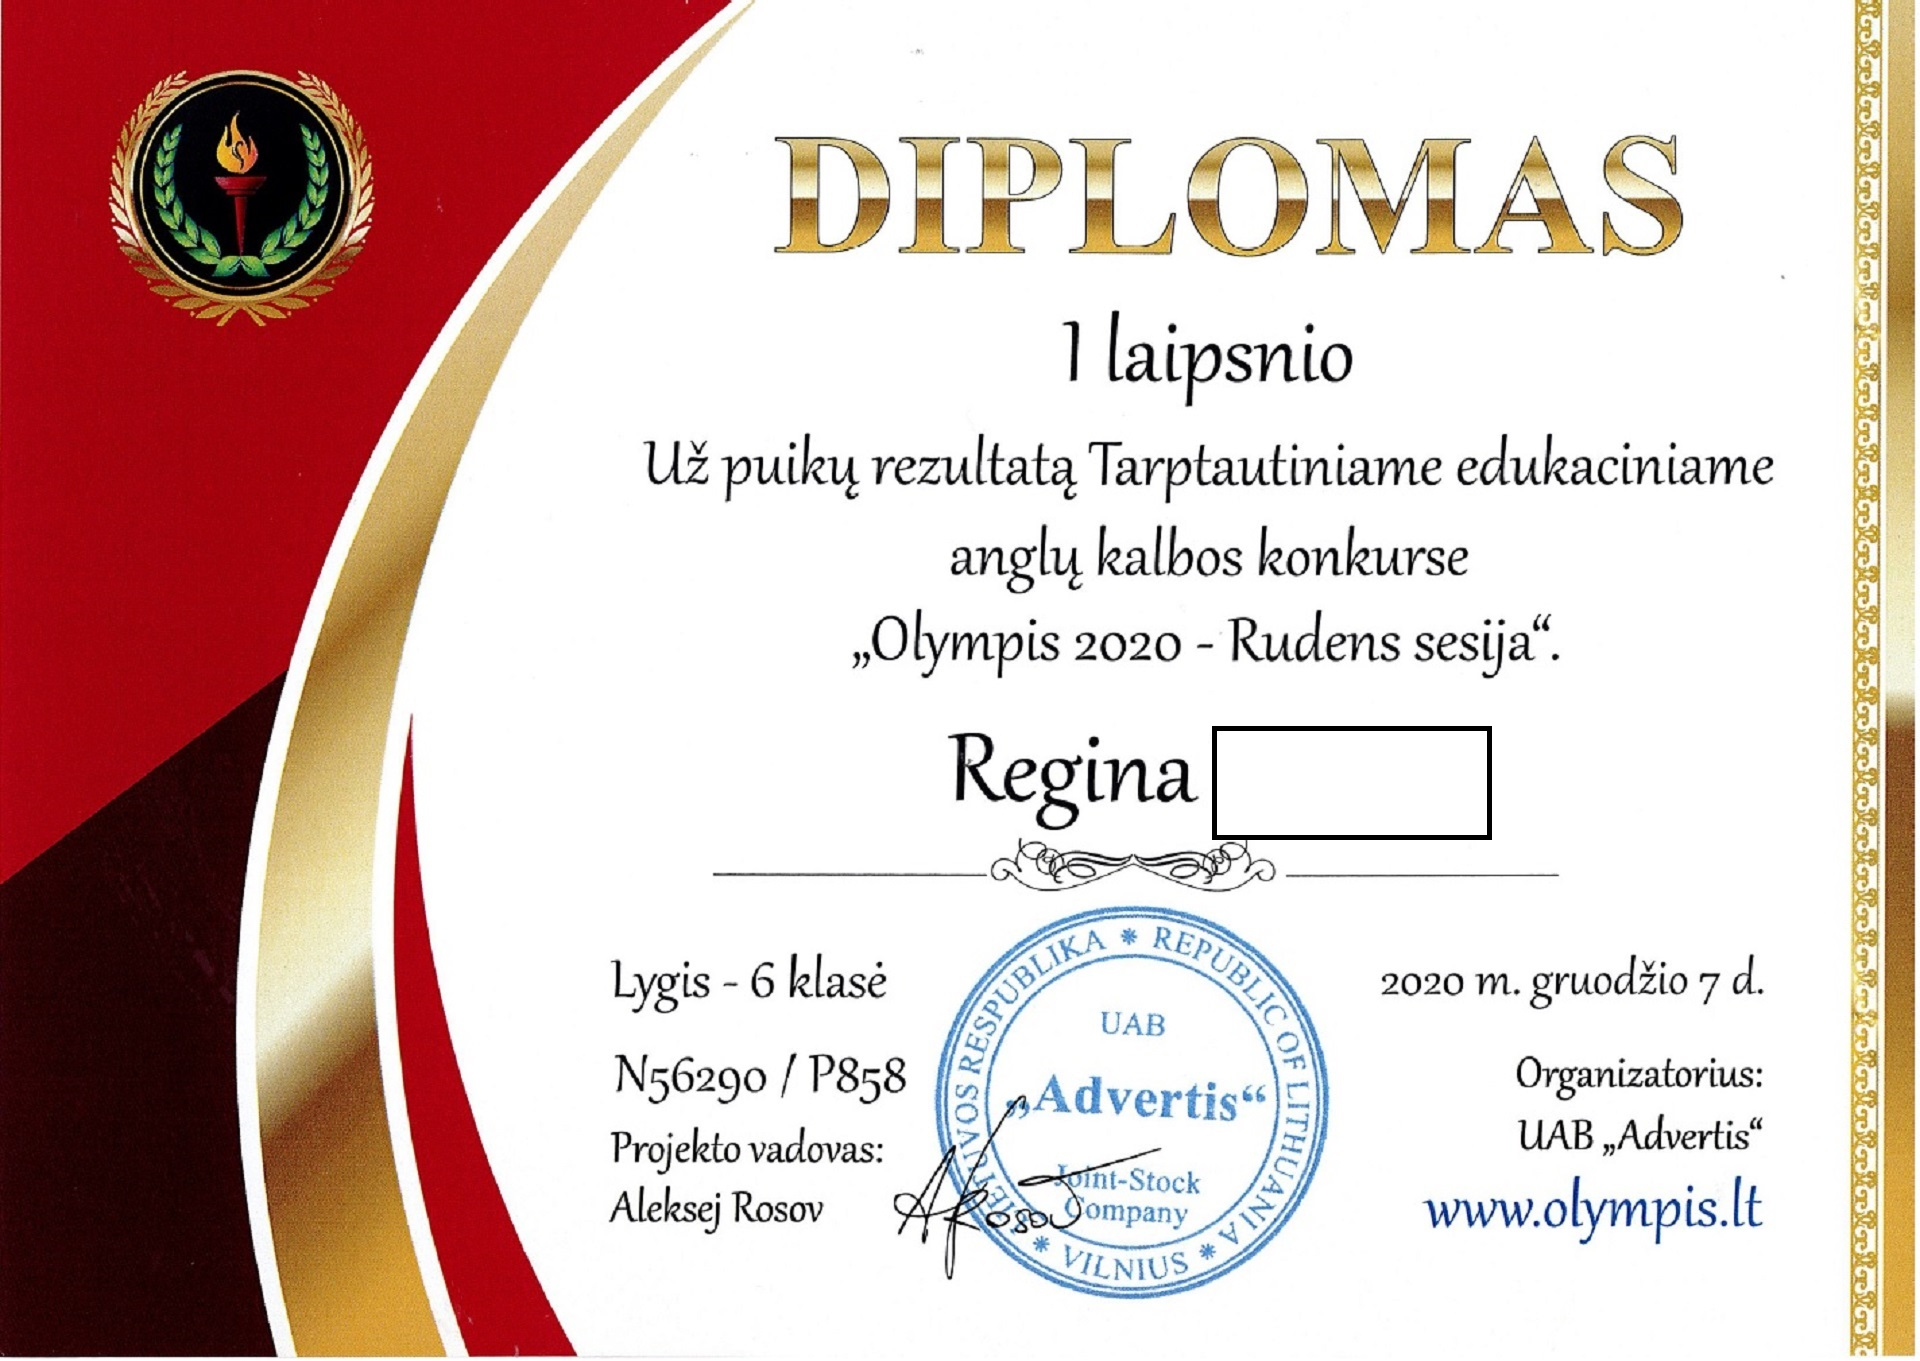 Puikūs rezultatai Tarptautiniame edukaciniame konkurse